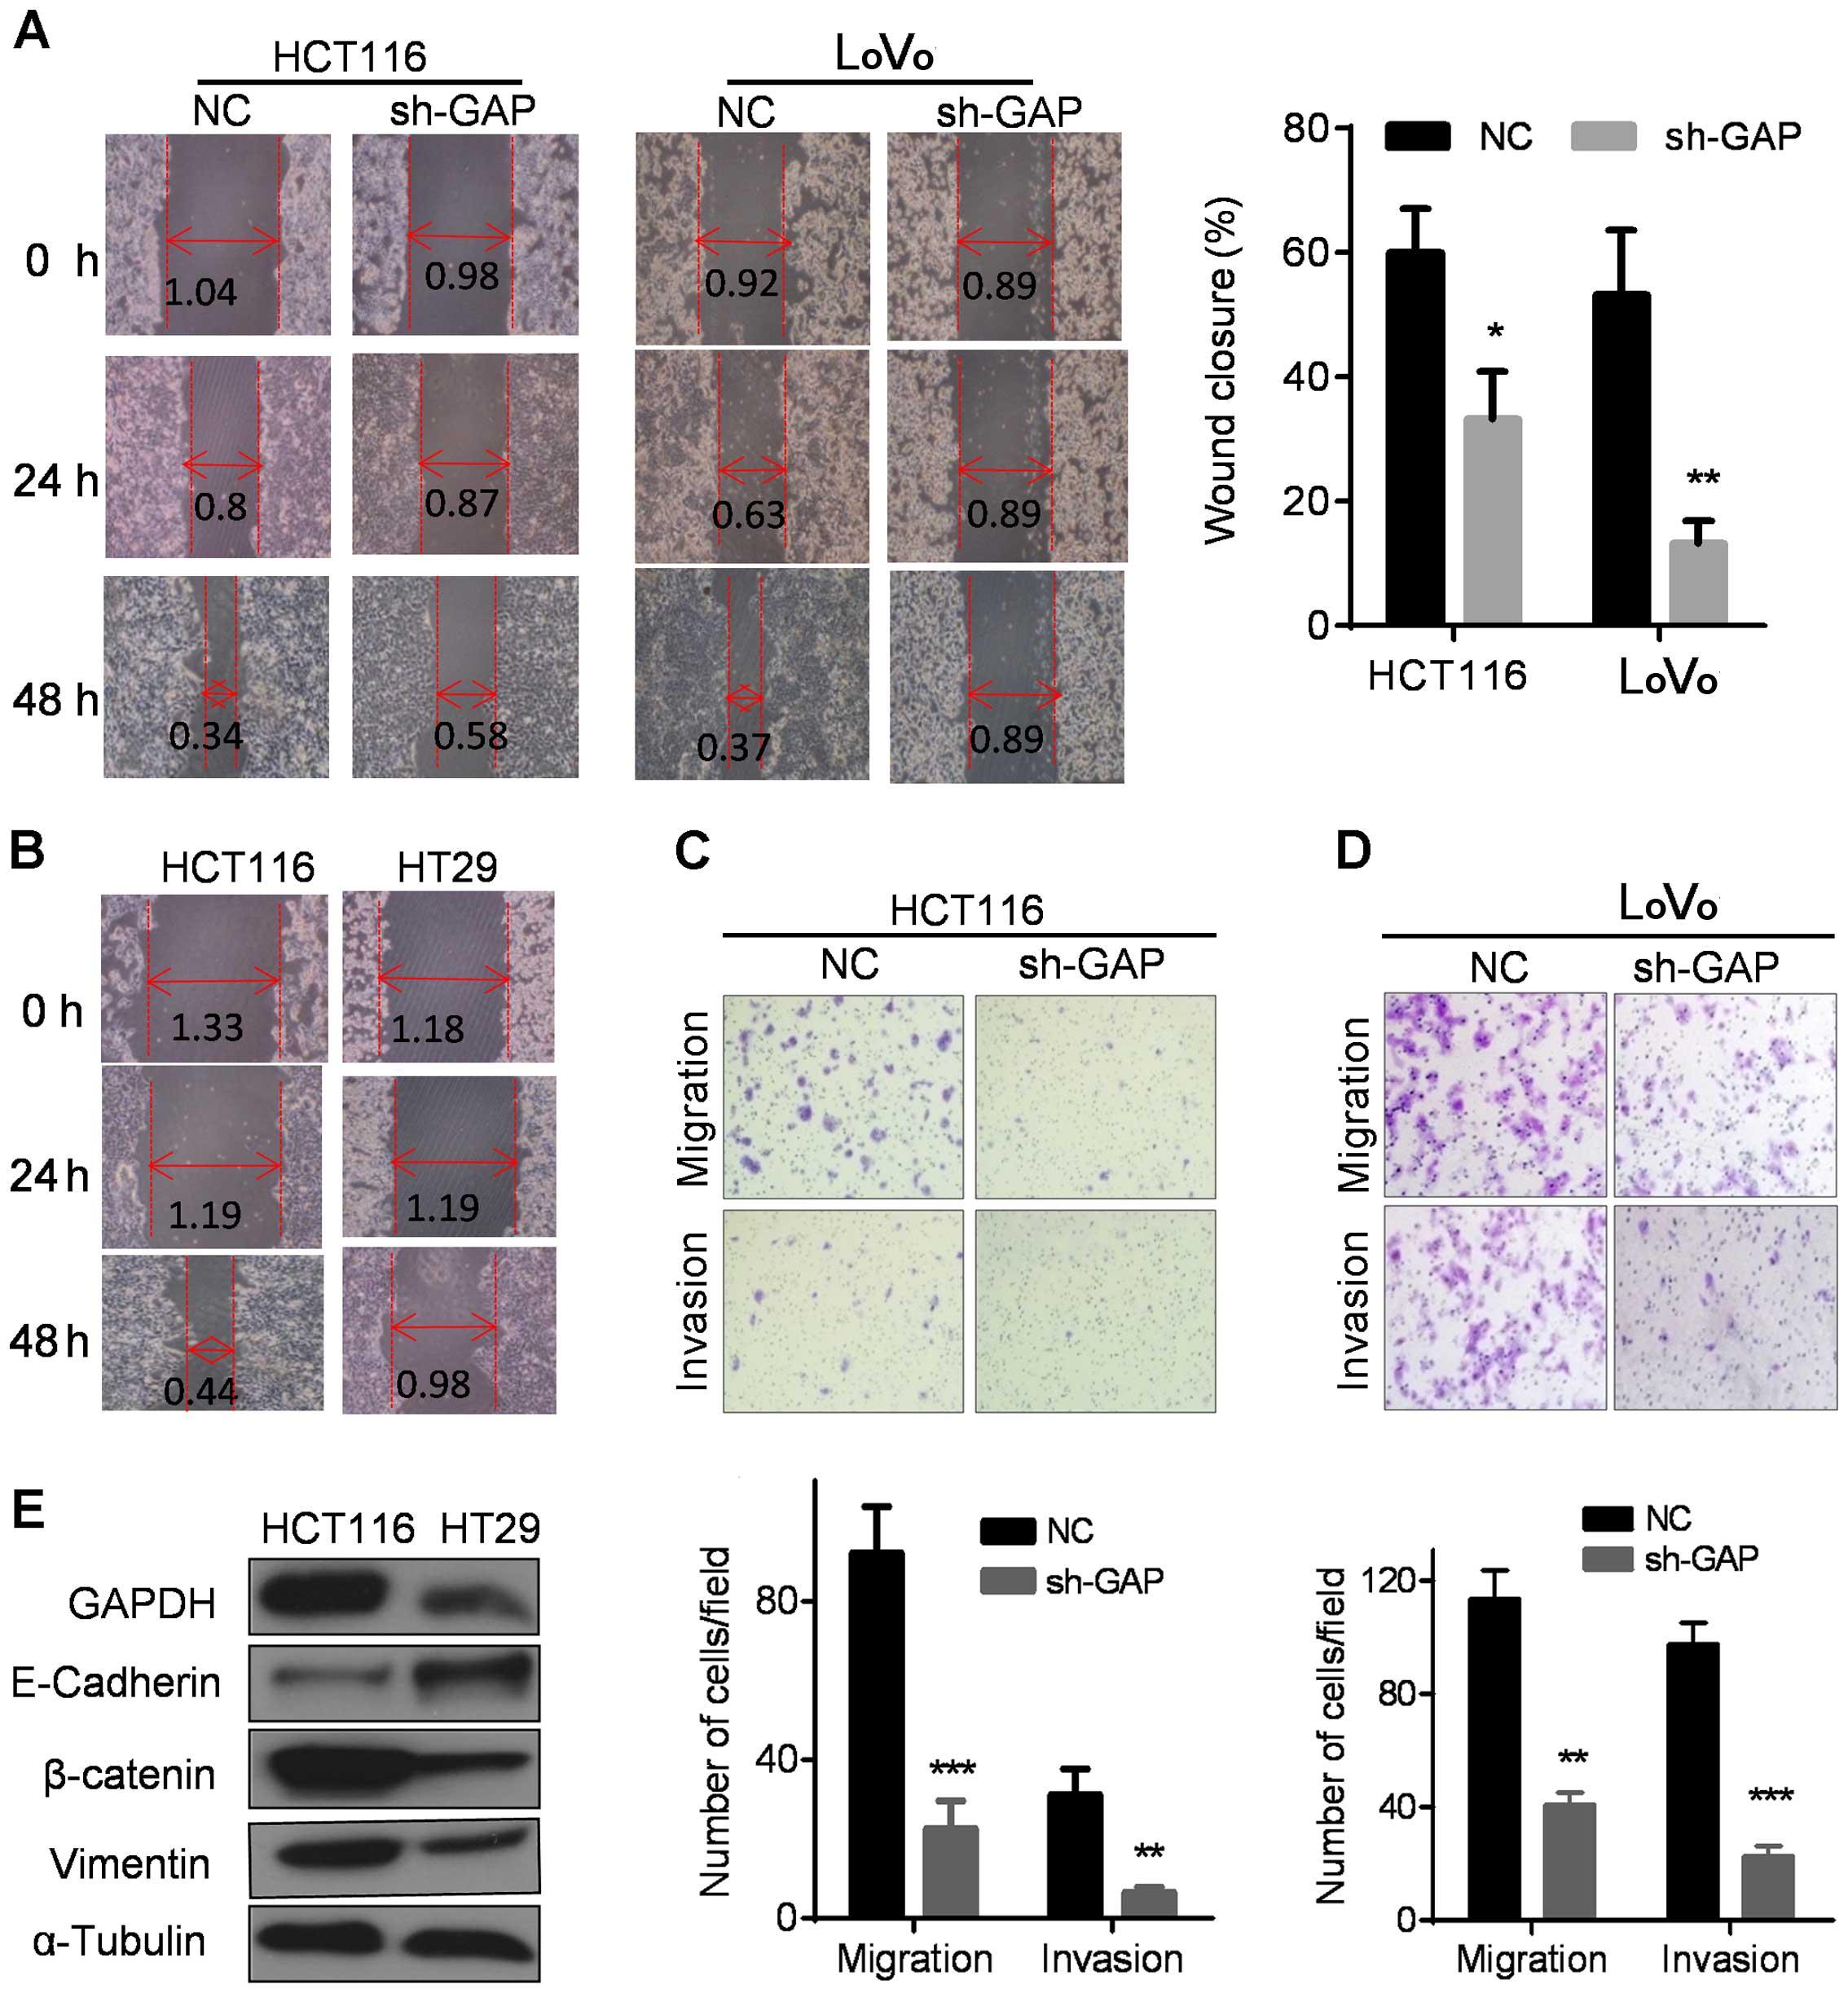 Glyceraldehyde-3-phosphate dehydrogenase promotes cancer